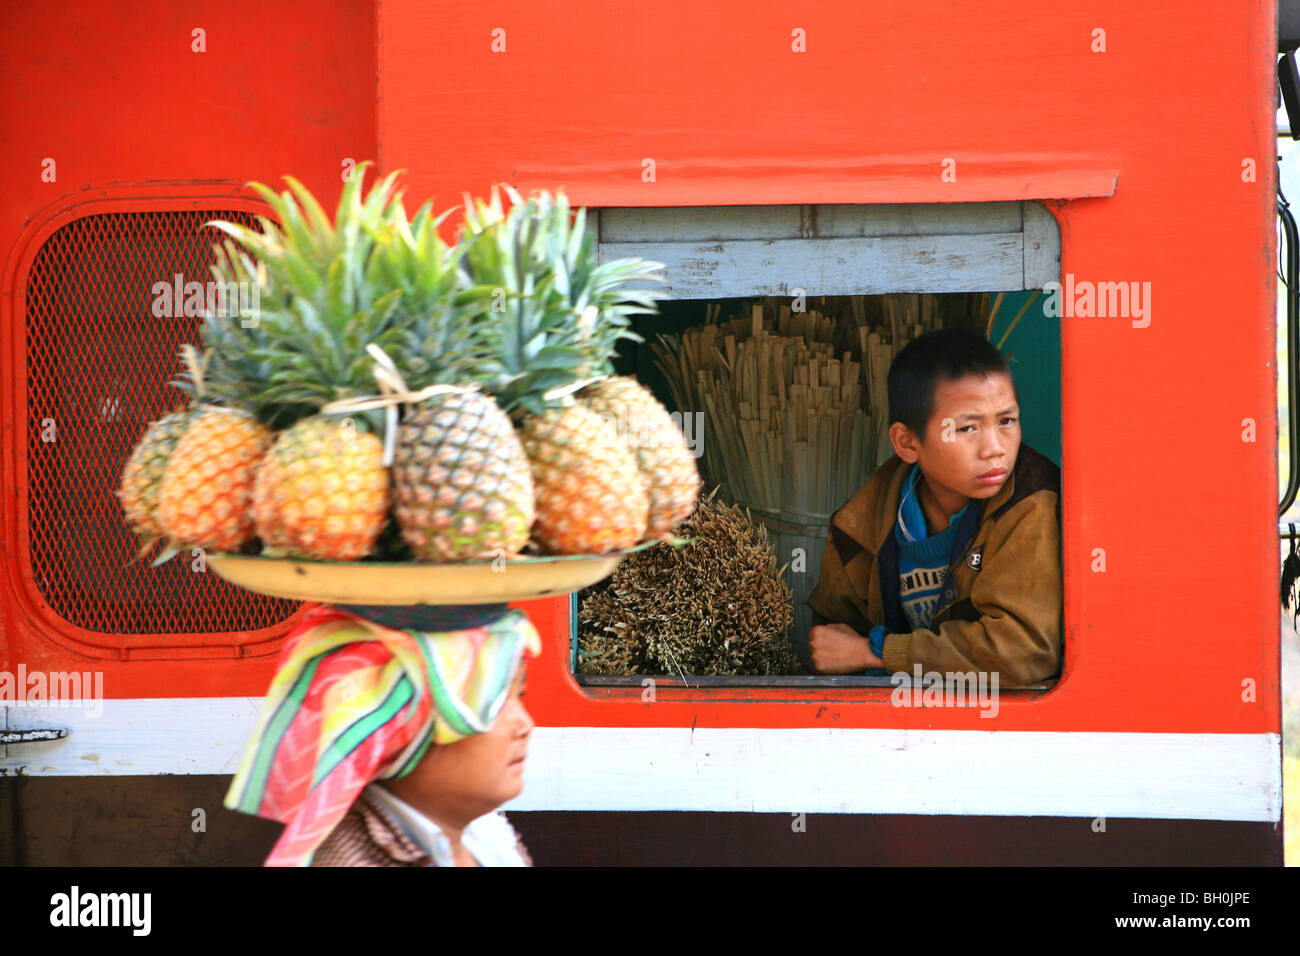 Une femme vend des fruits, un garçon à la recherche par la fenêtre d'un train, Hispaw, Shan State, Photo Stock